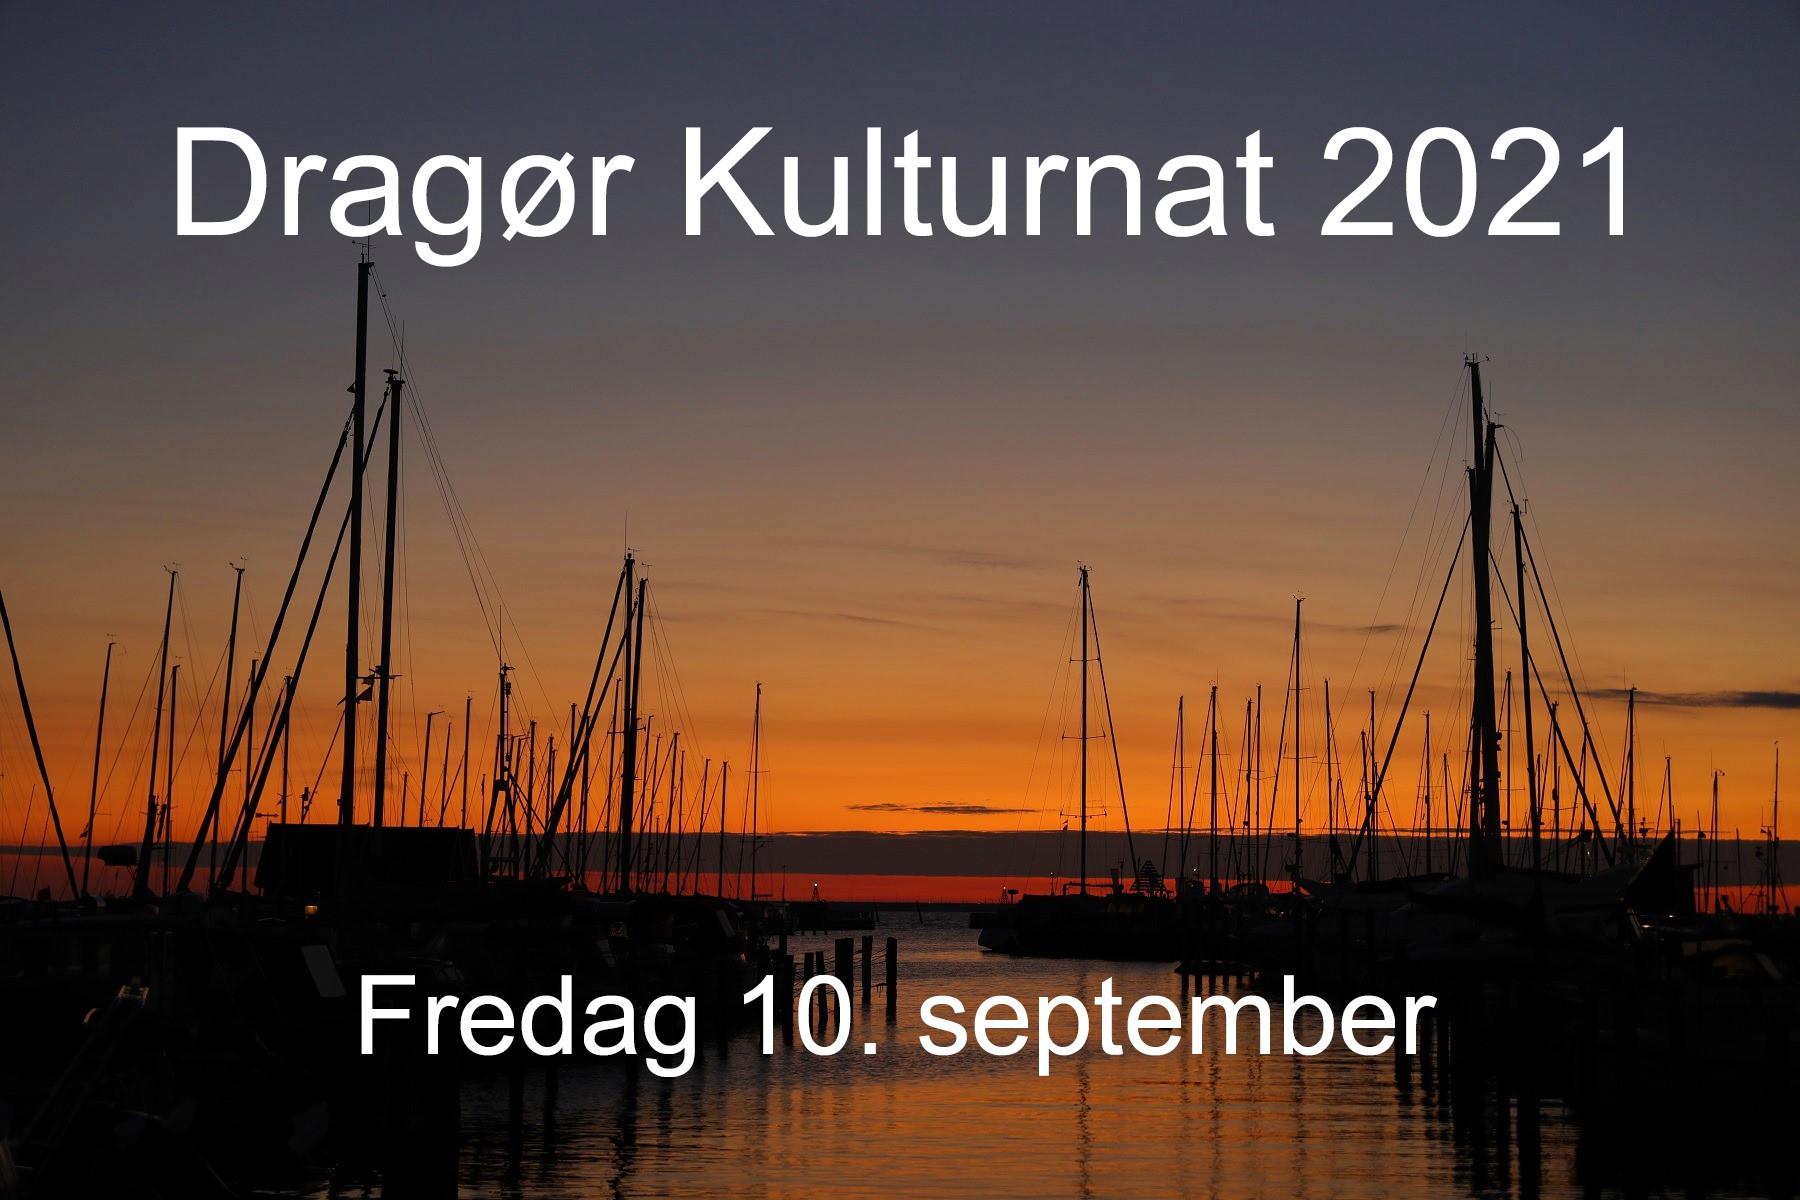 Dragør Kulturnat 2021